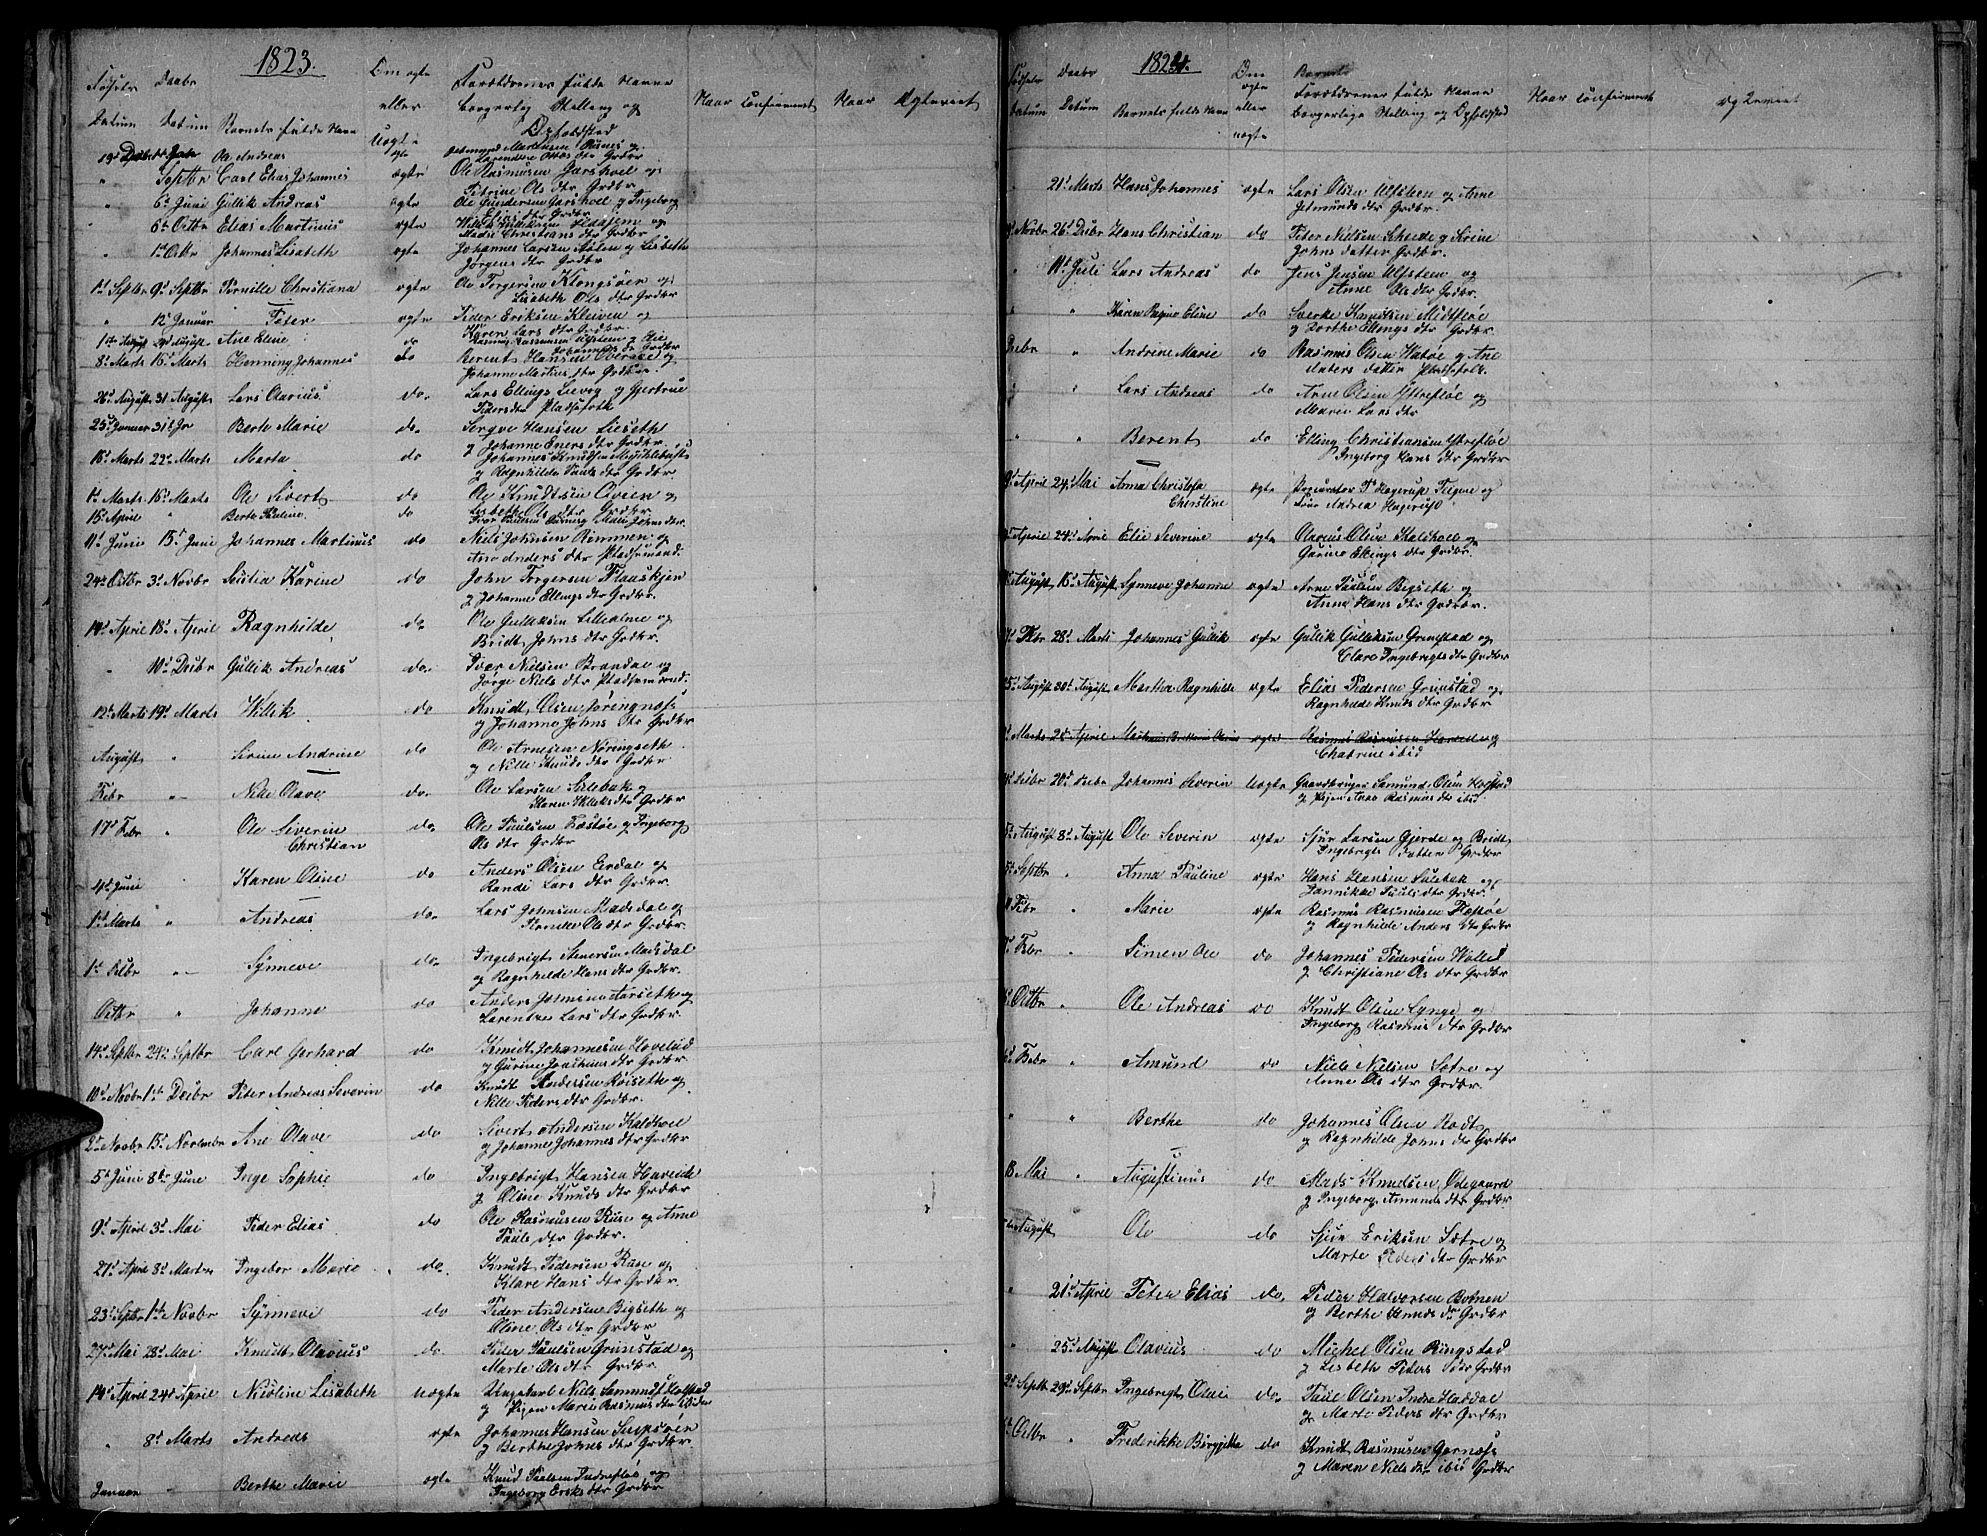 SAT, Ministerialprotokoller, klokkerbøker og fødselsregistre - Møre og Romsdal, 509/L0103: Ministerialbok nr. 509A01, 1754-1832